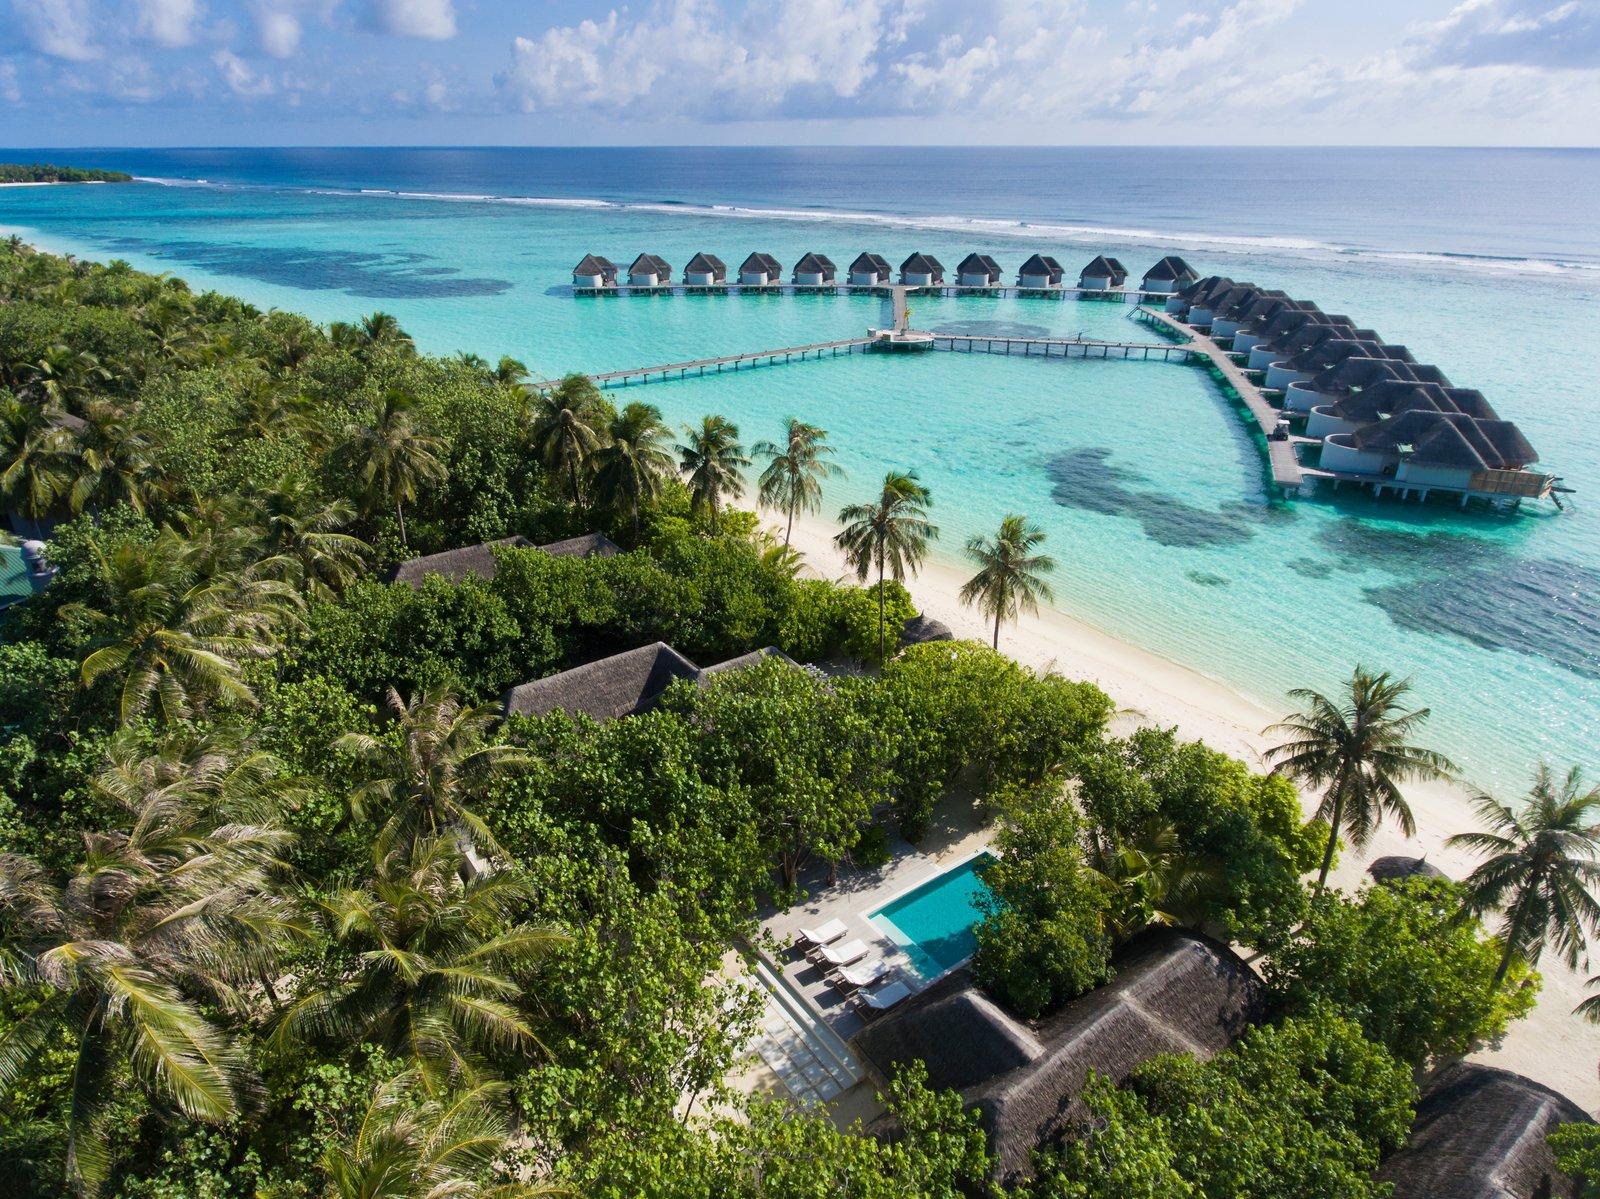 Plage ou Pilotis, quelle chambre choisir aux Maldives?